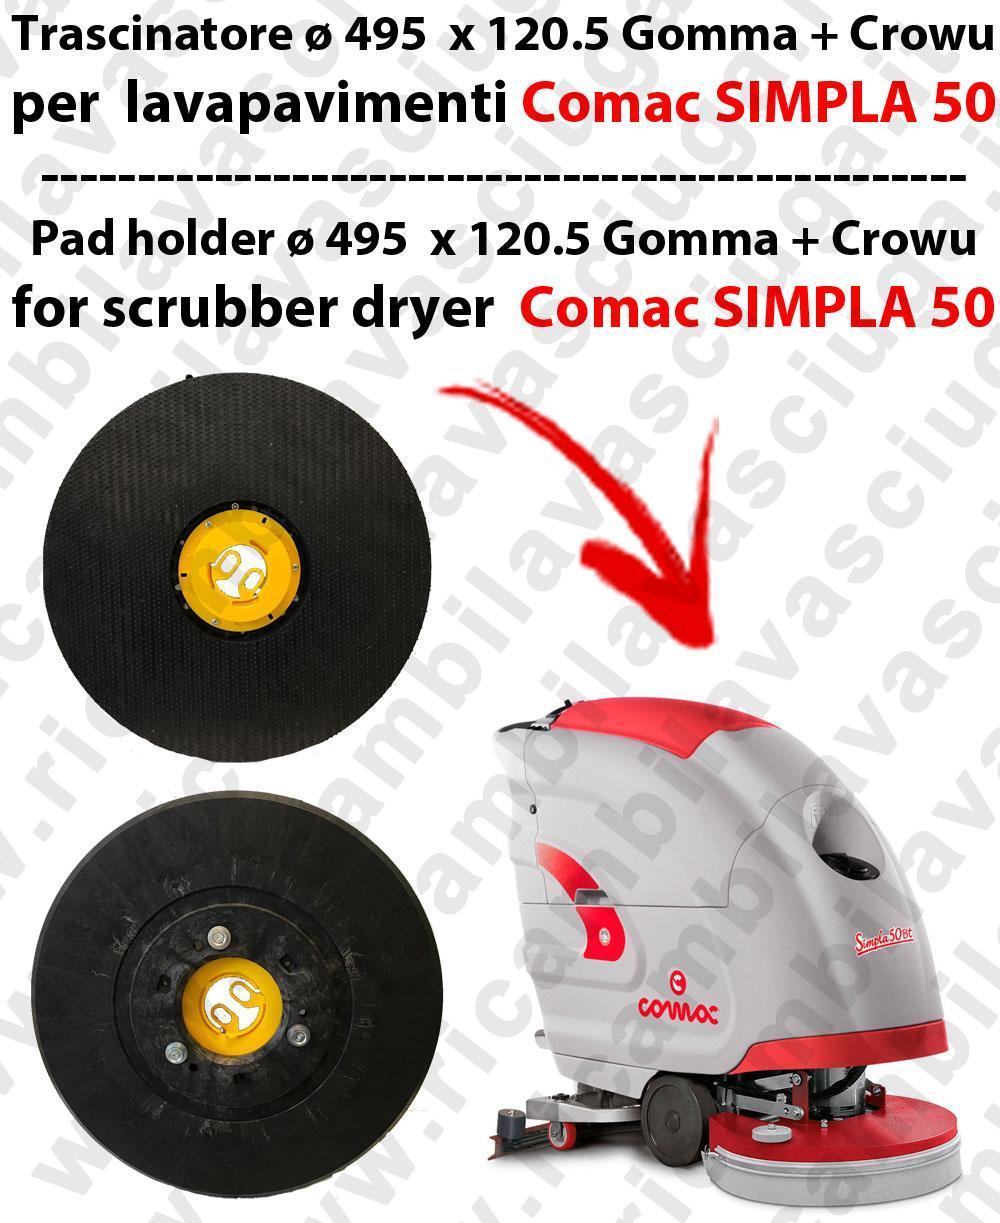 Plateau ( pad holder) pour autolaveuses COMAC Simpla 50 -  Gomma + Crowu - Dim: diamétre  495  x 120.5